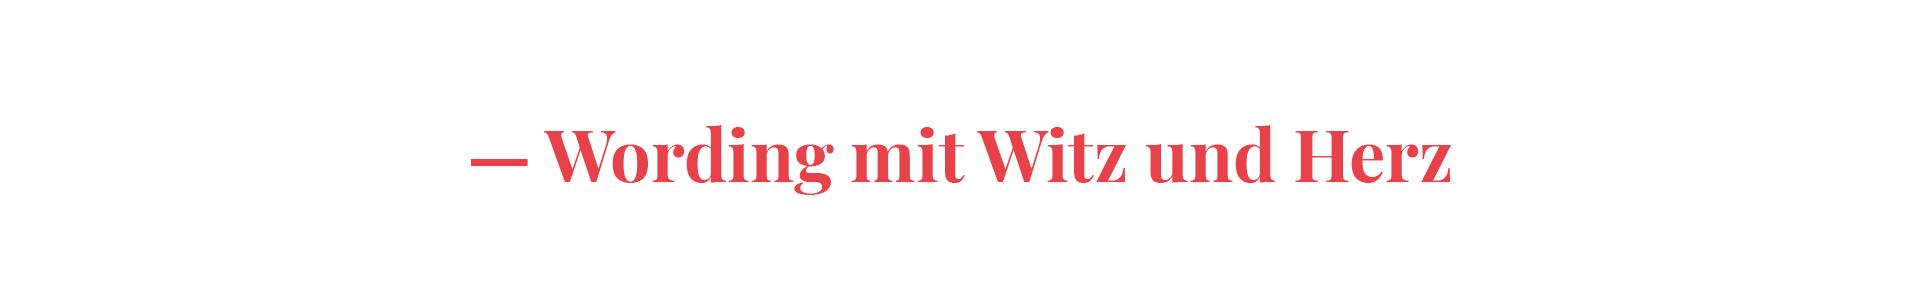 Wording mit Witz und Charme - Redesign für Texterin Nina Popp von der Designagentur look! design